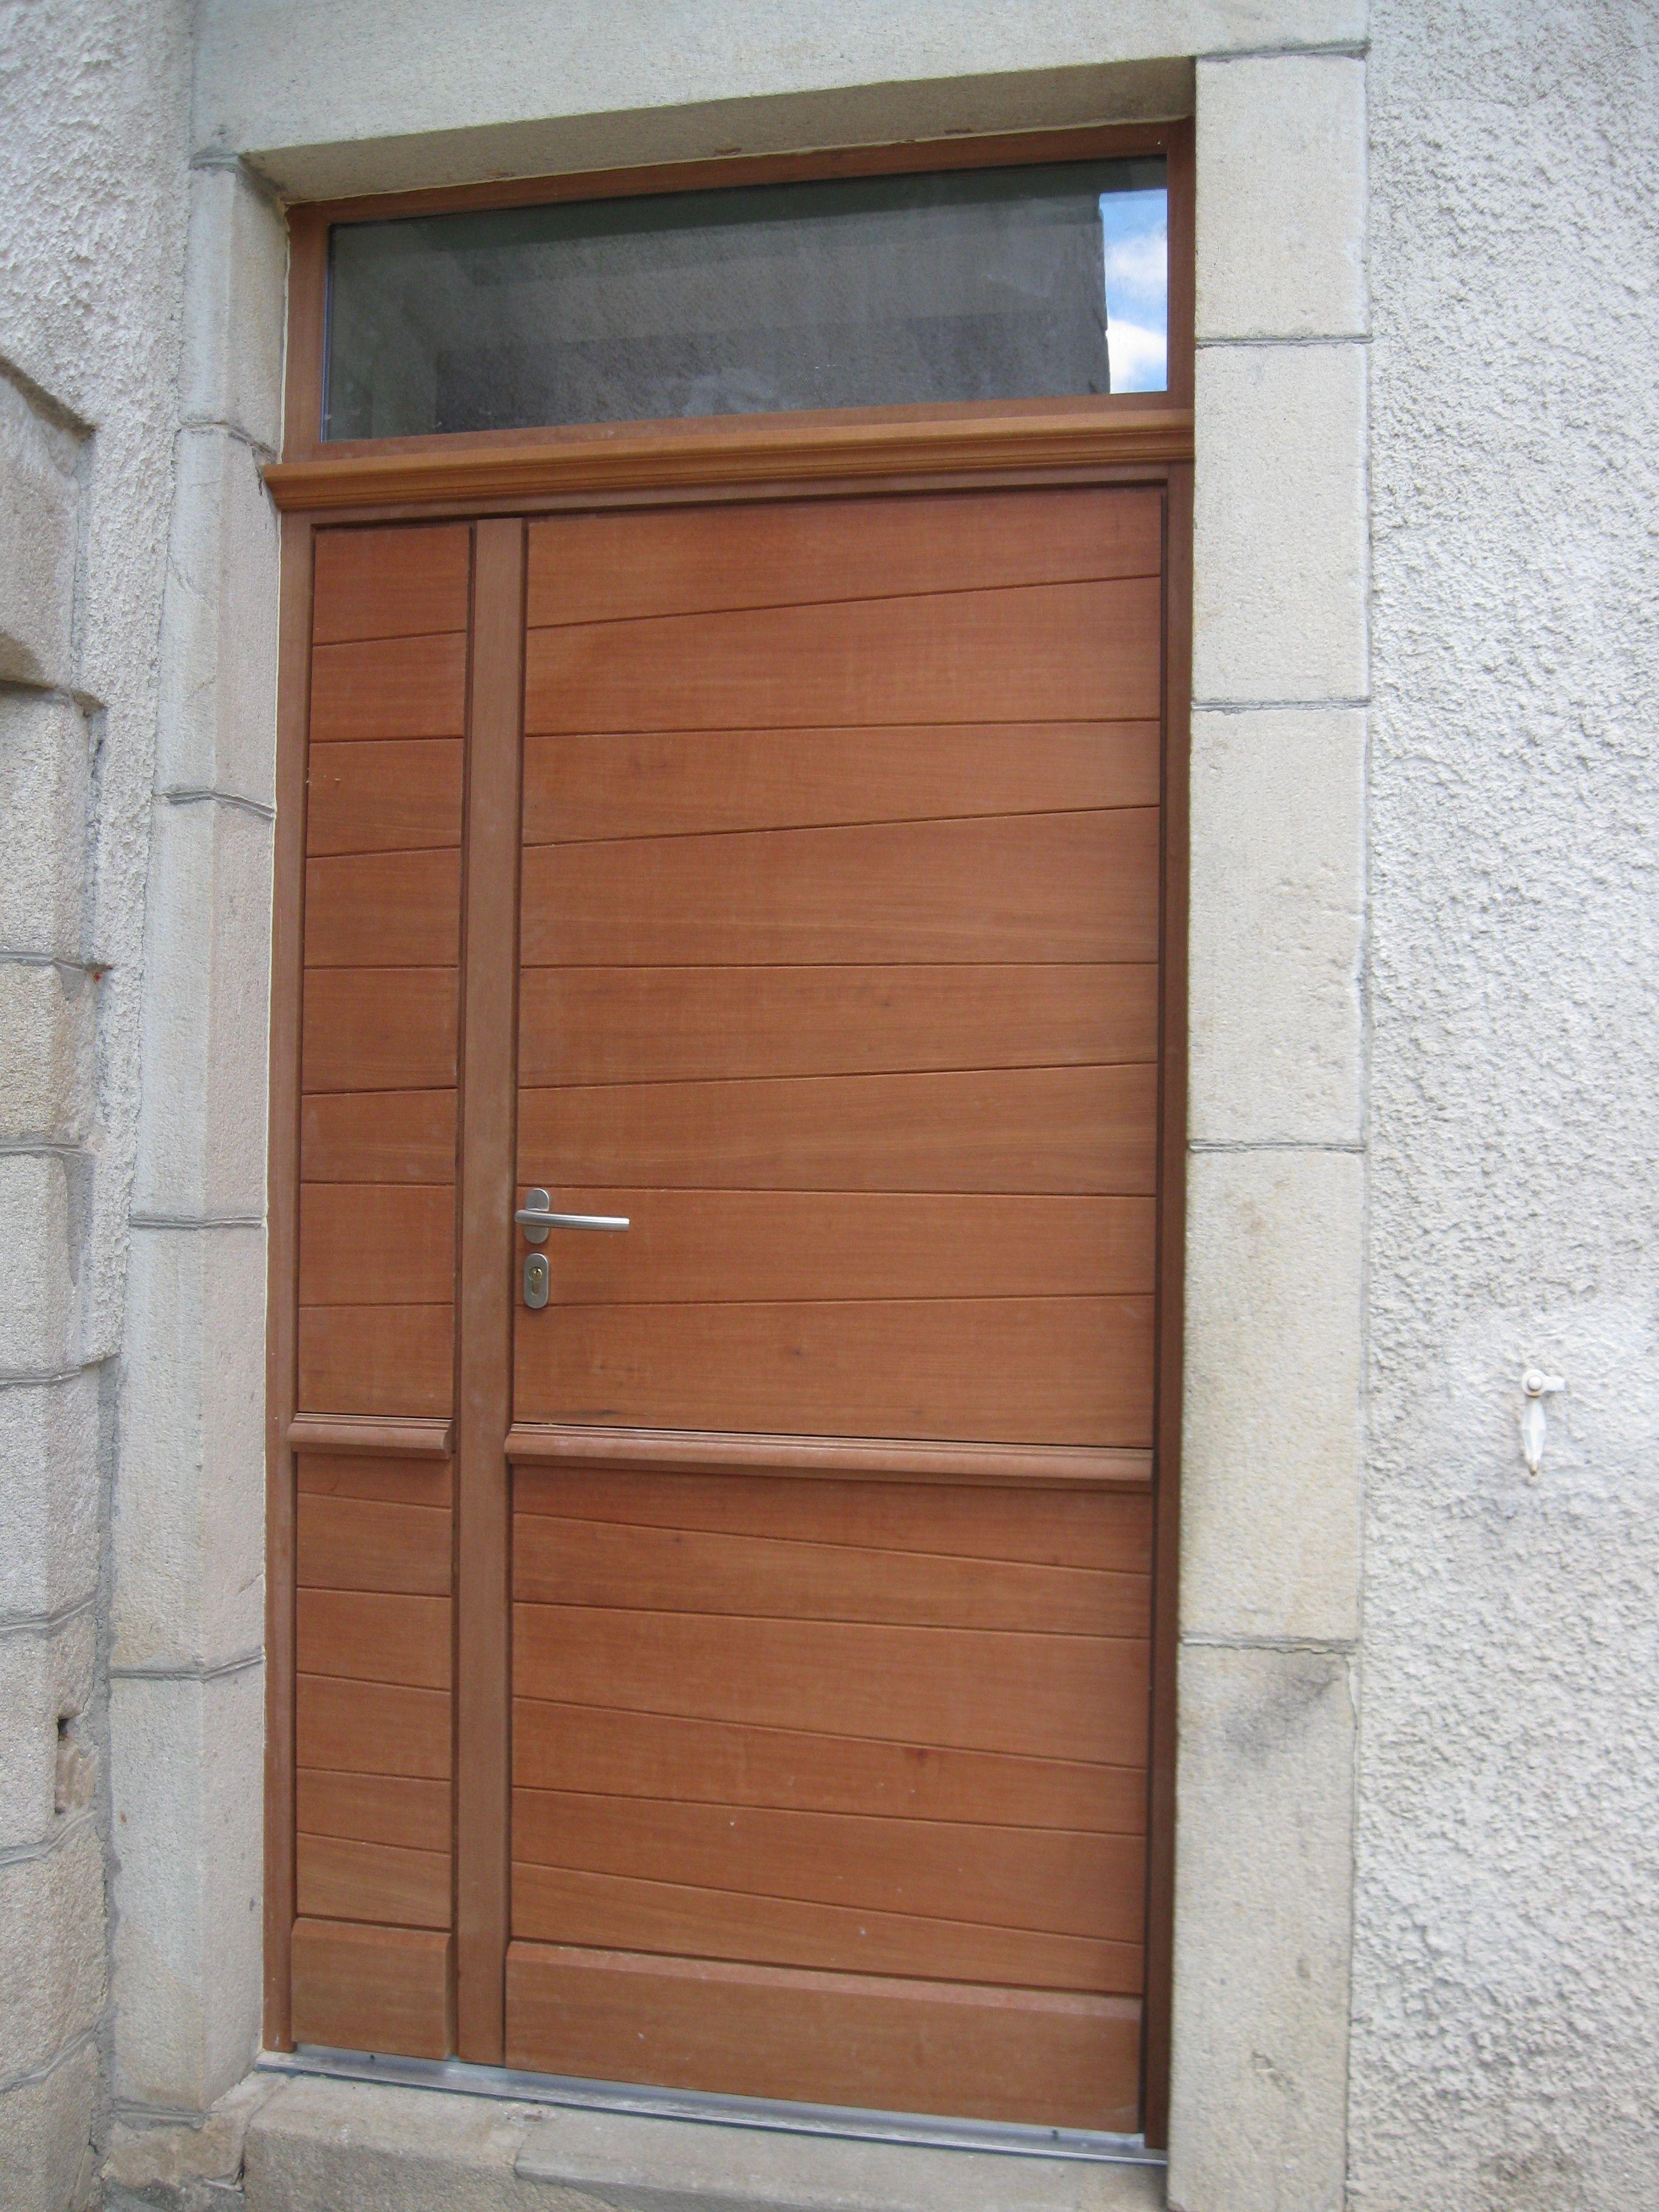 Porte d 39 entr e tierc e avec lames biseaut es imposte vitr e portes d 39 entree portes entr e - Imposte pour porte d entree ...